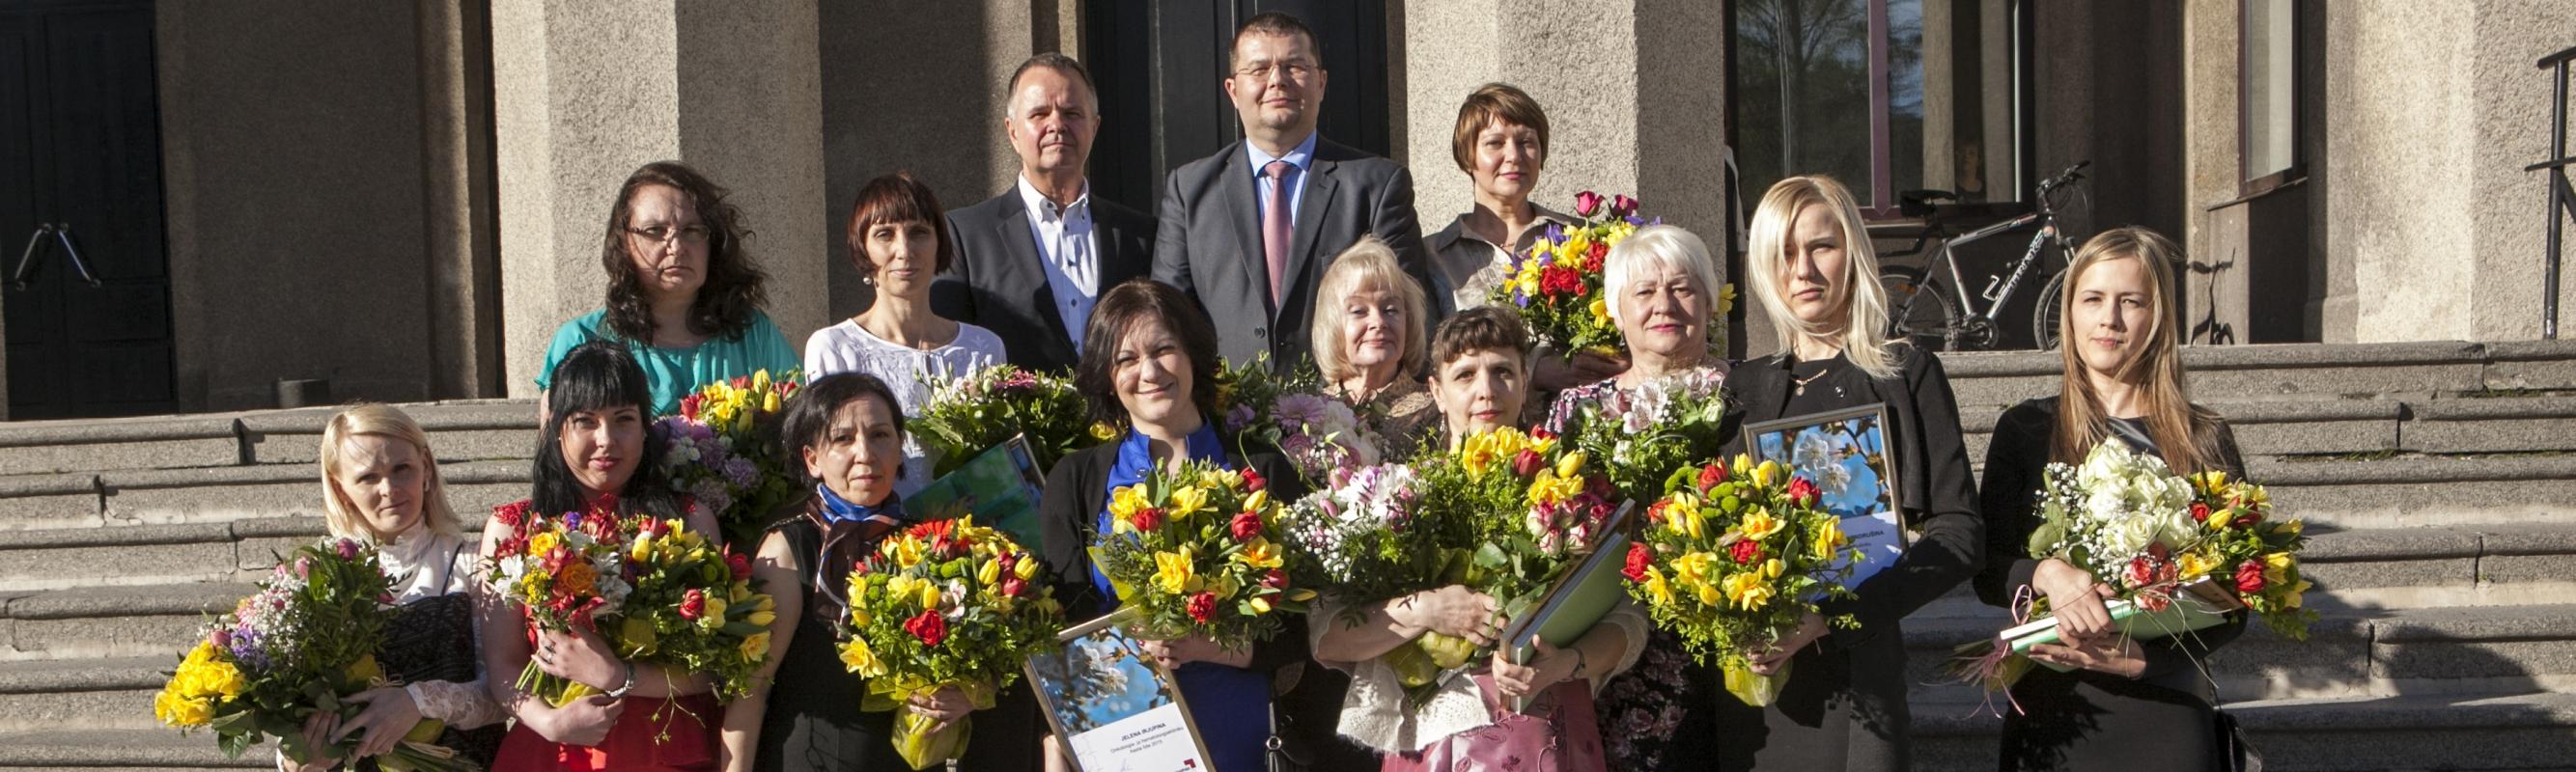 Põhja-Eesti Regionaalhaigla 2015. aasta parimad õed ja hooldajad koos haigla ülemarsti Andrus Remmelgase ja õendusdirektori Aleksei Gaidajenkoga.